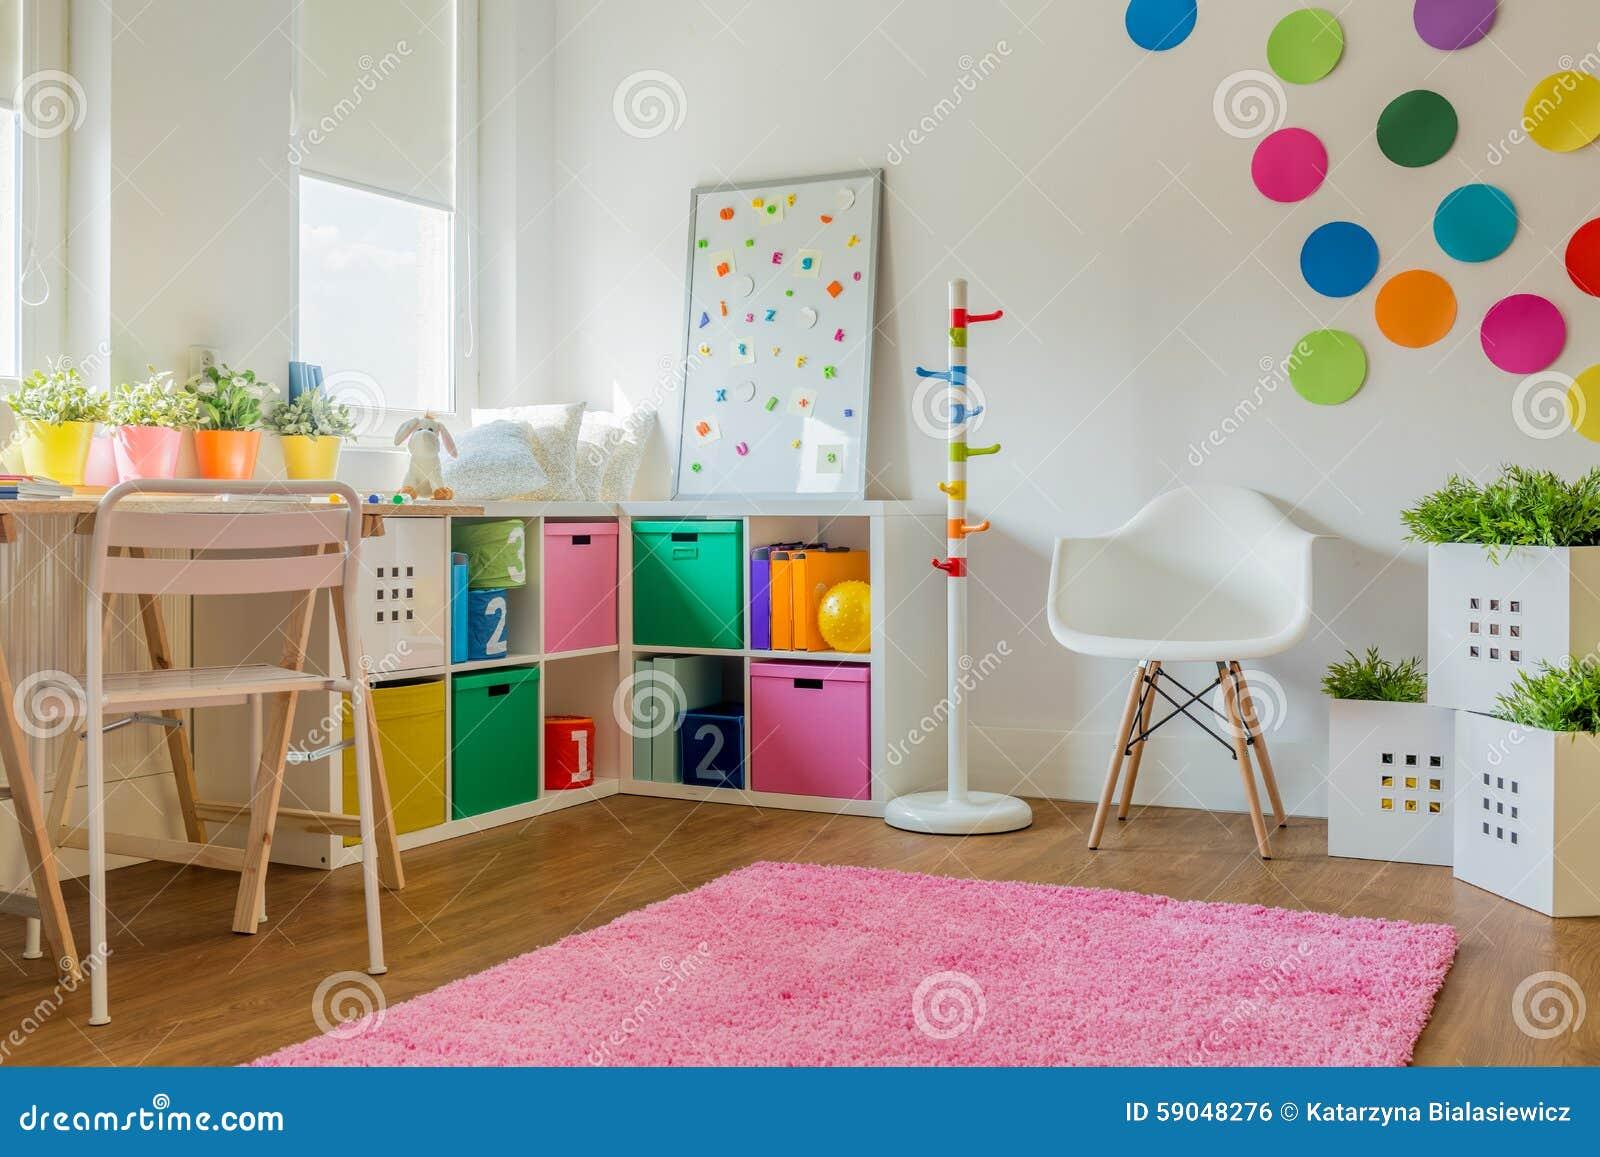 Unisex Kids Room